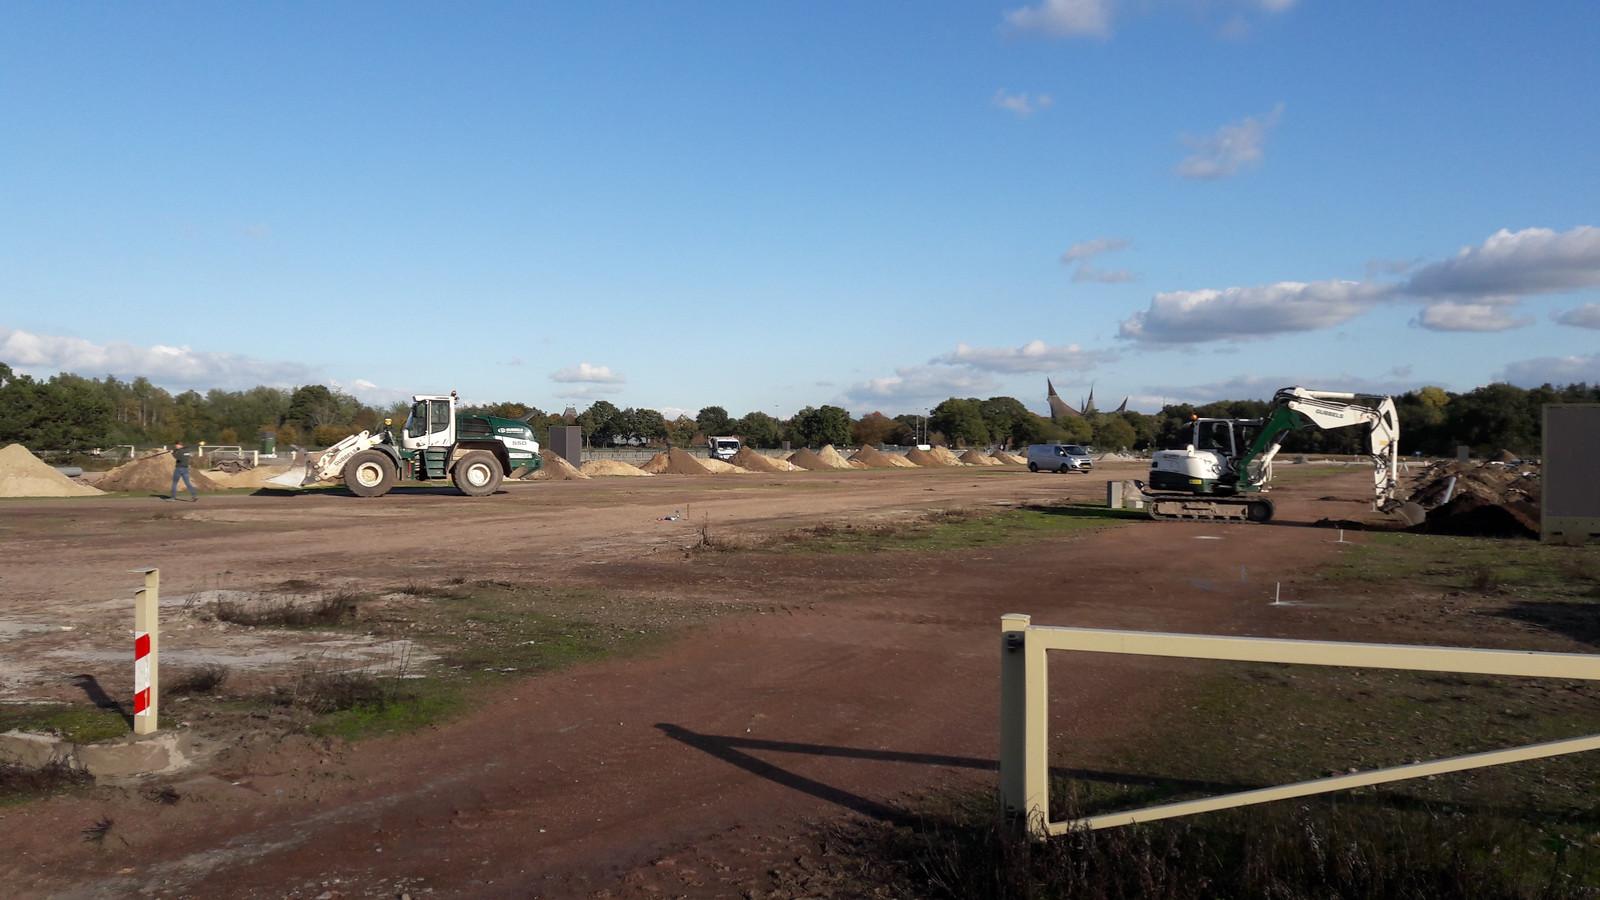 Aan het verbeteren van de parkeerterreinen van de Efteling wordt hard gewerkt. In de verte de entree van het park, het Huis van de Vijf Zintuigen.